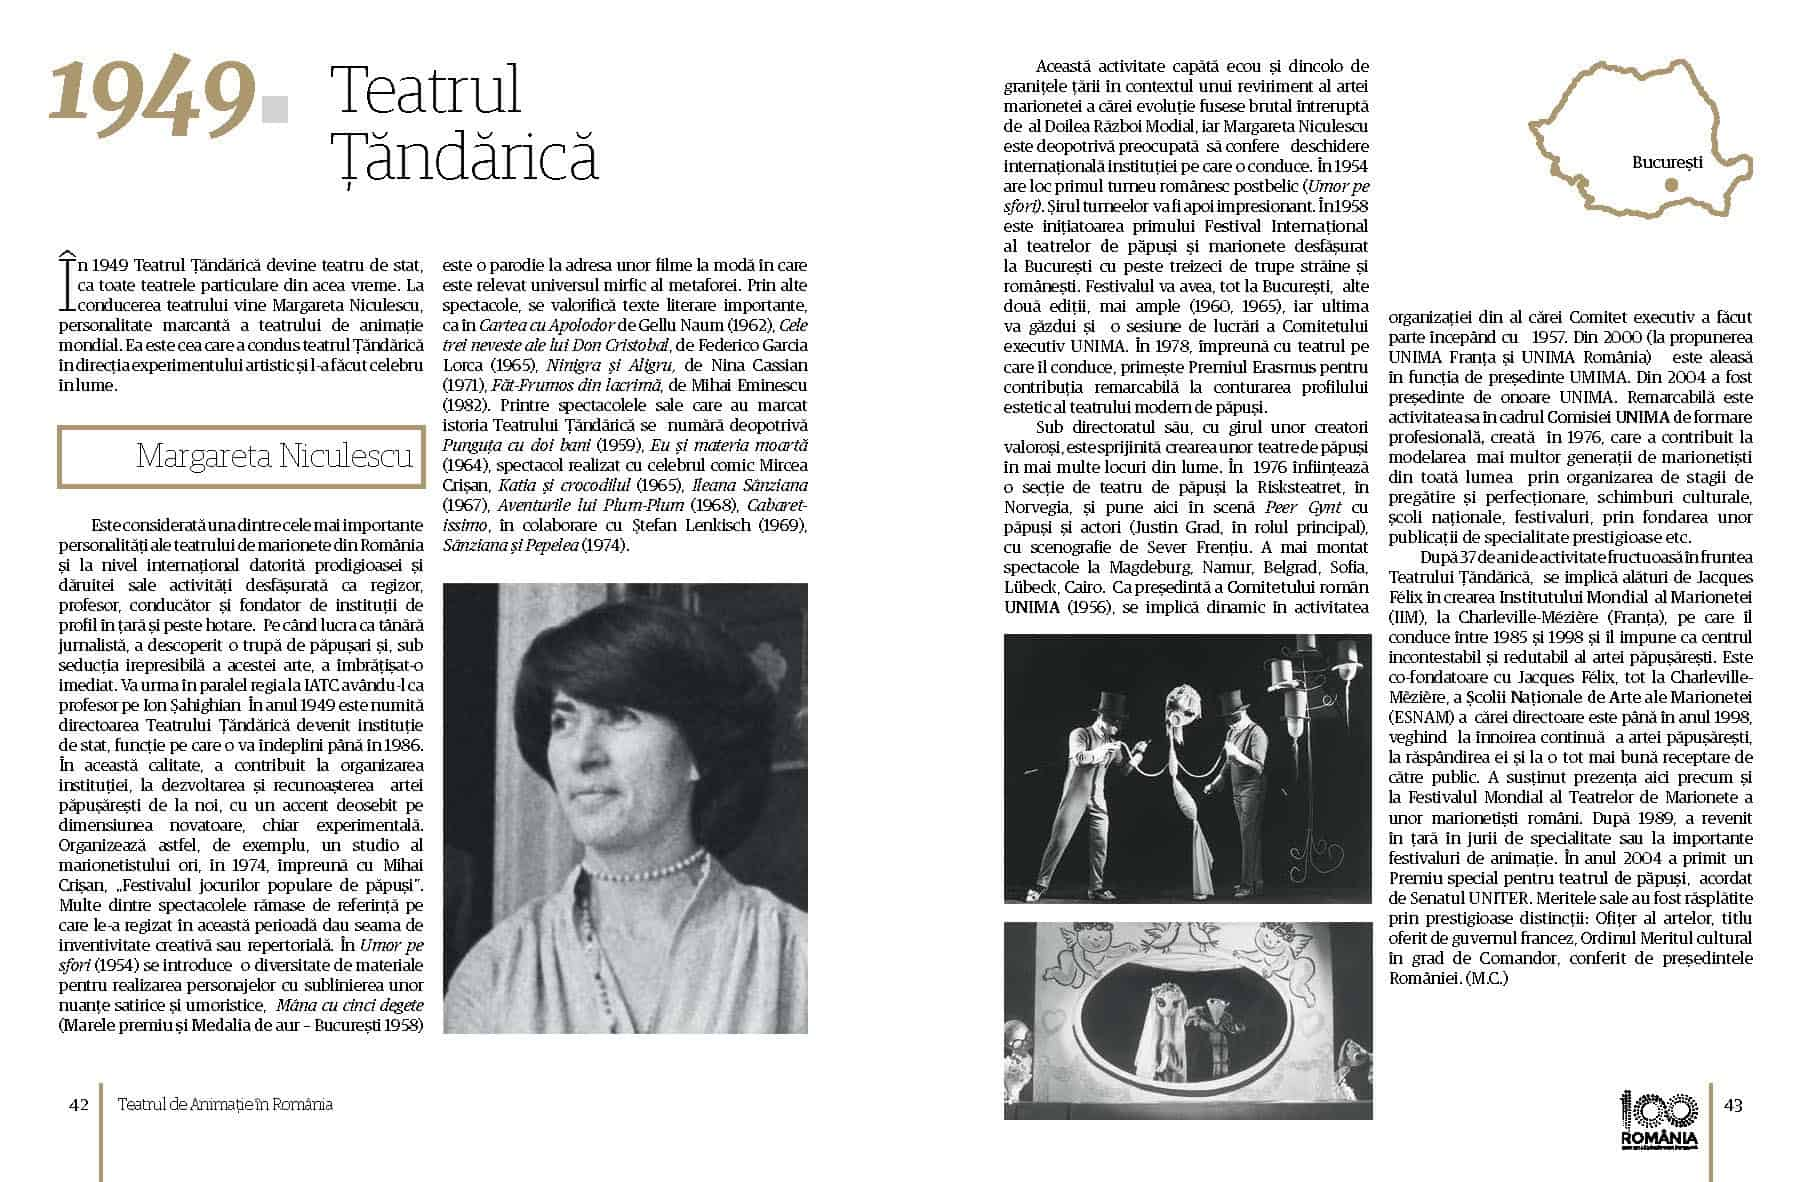 Album Teatrul de Animatie in Romania final preview fata in fata Page 22 1